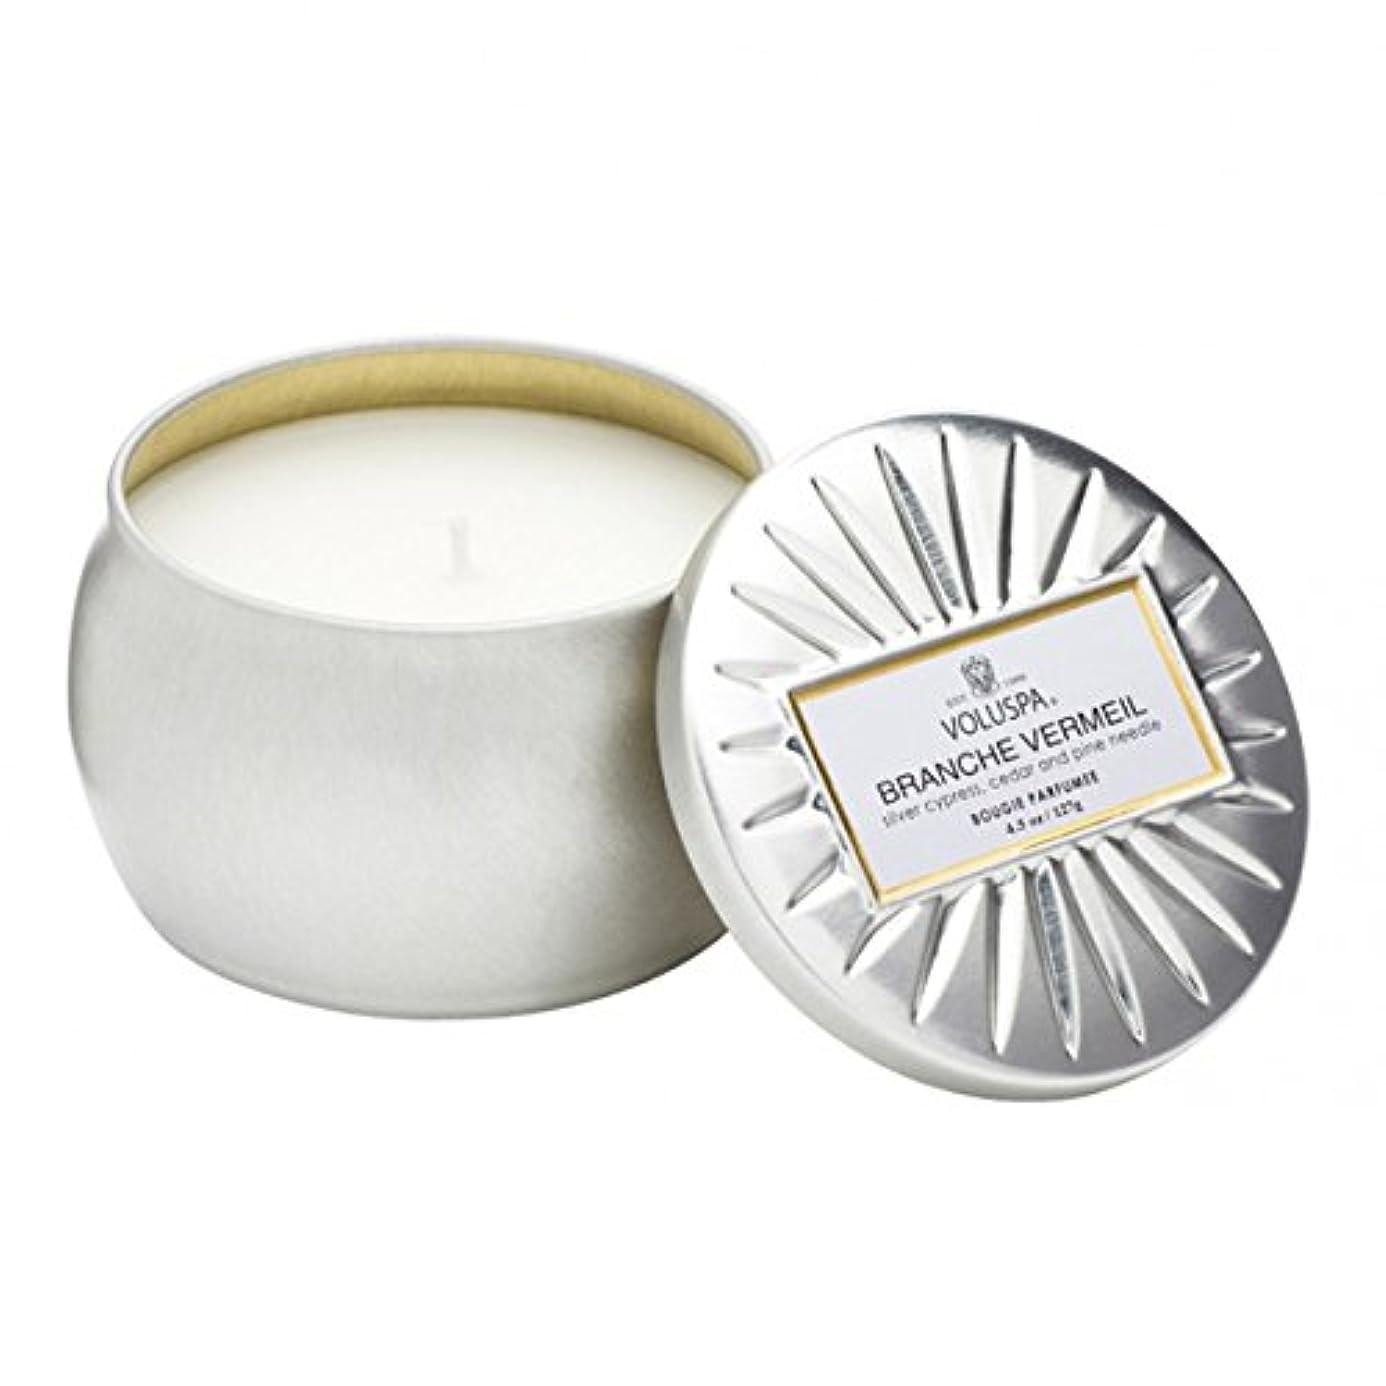 キラウエア山矛盾冬Voluspa ボルスパ ヴァーメイル ティンキャンドル  S フ?ランチヴァーメイル BRANCHE VERMEIL VERMEIL PETITE Tin Glass Candle